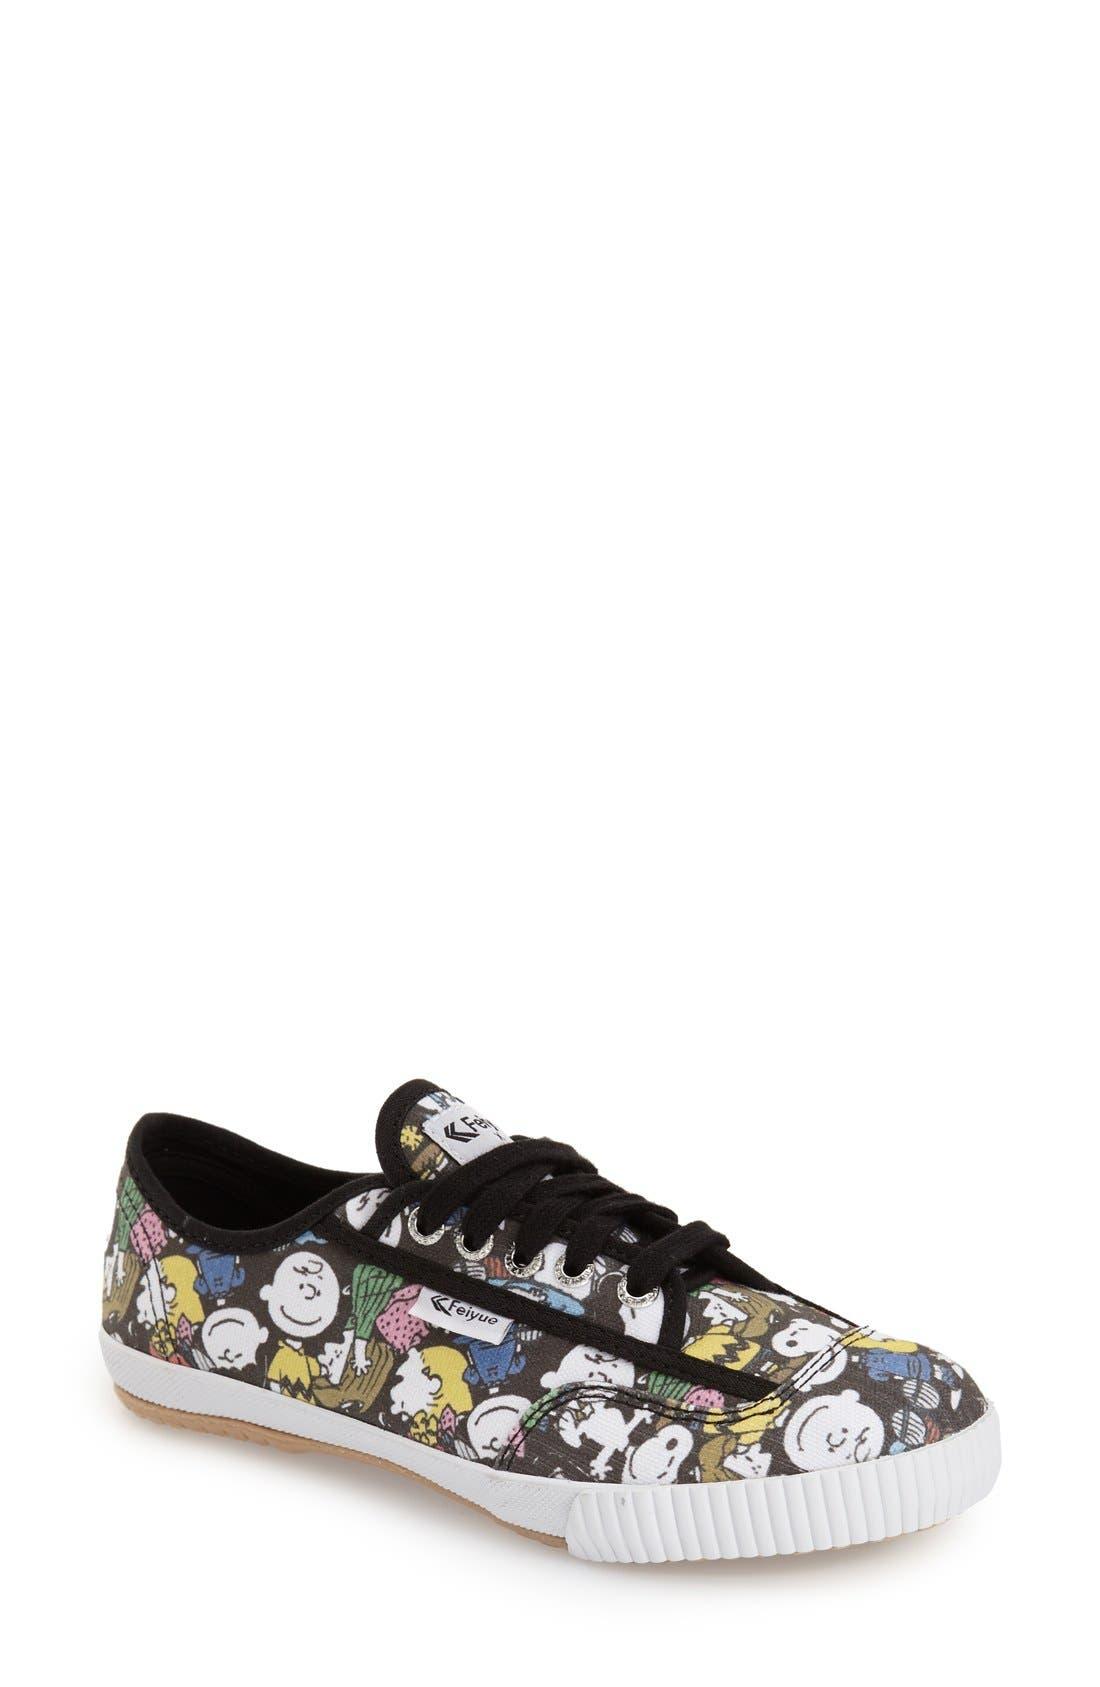 FEIYUE. 'Fe Lo - Peanuts' Canvas Sneaker